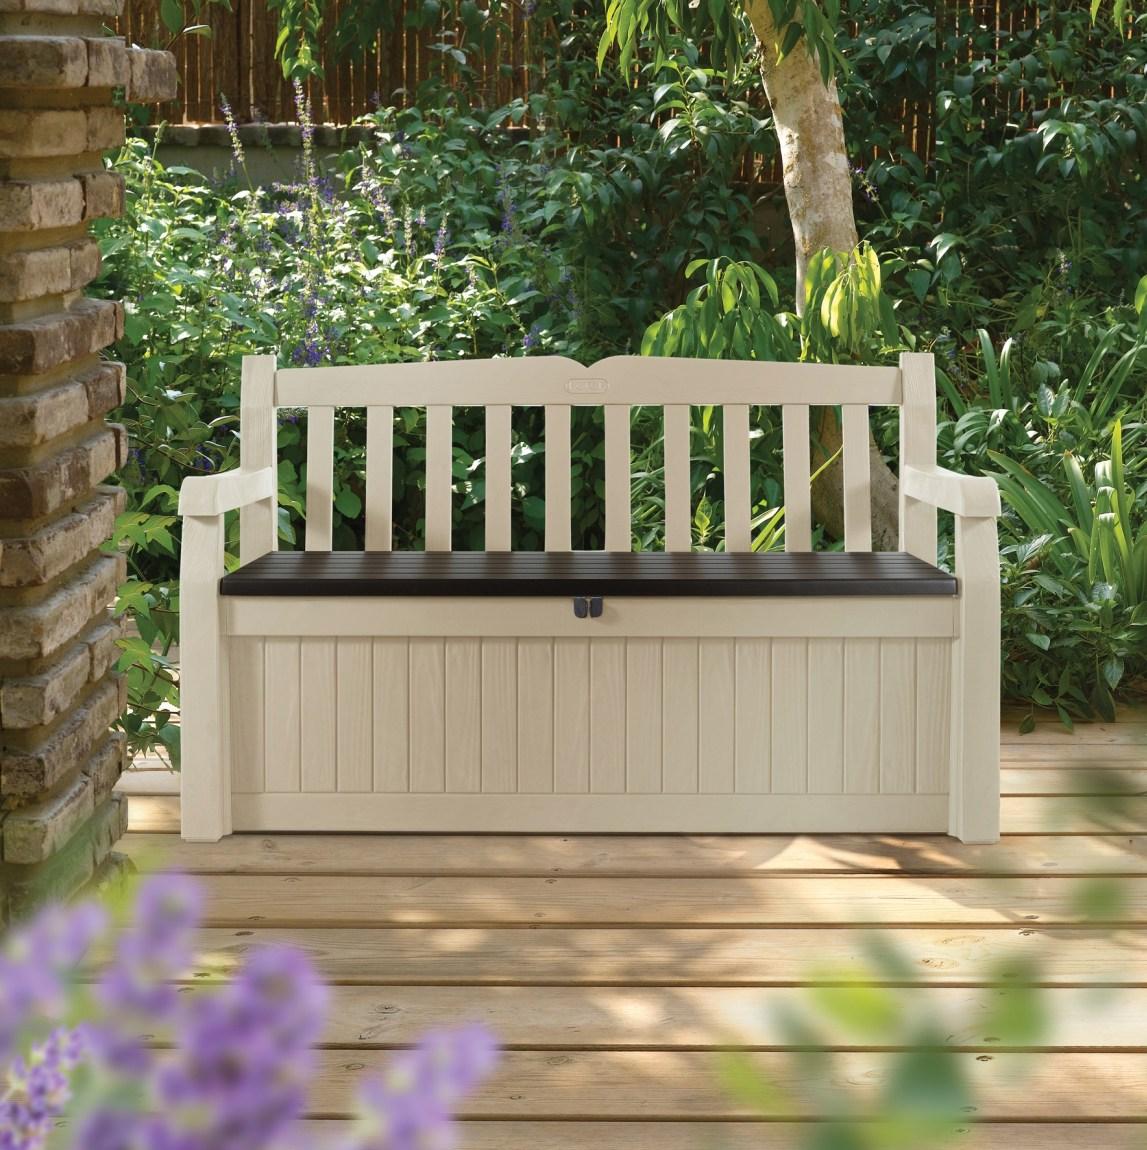 Keter Eden Garden Bench Oede1 289 50 Landera